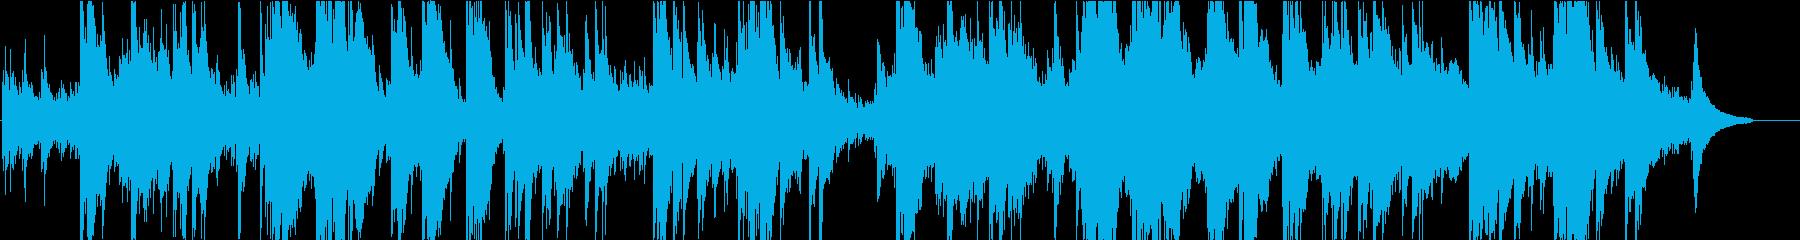 アコースティックギターソロBGMの再生済みの波形